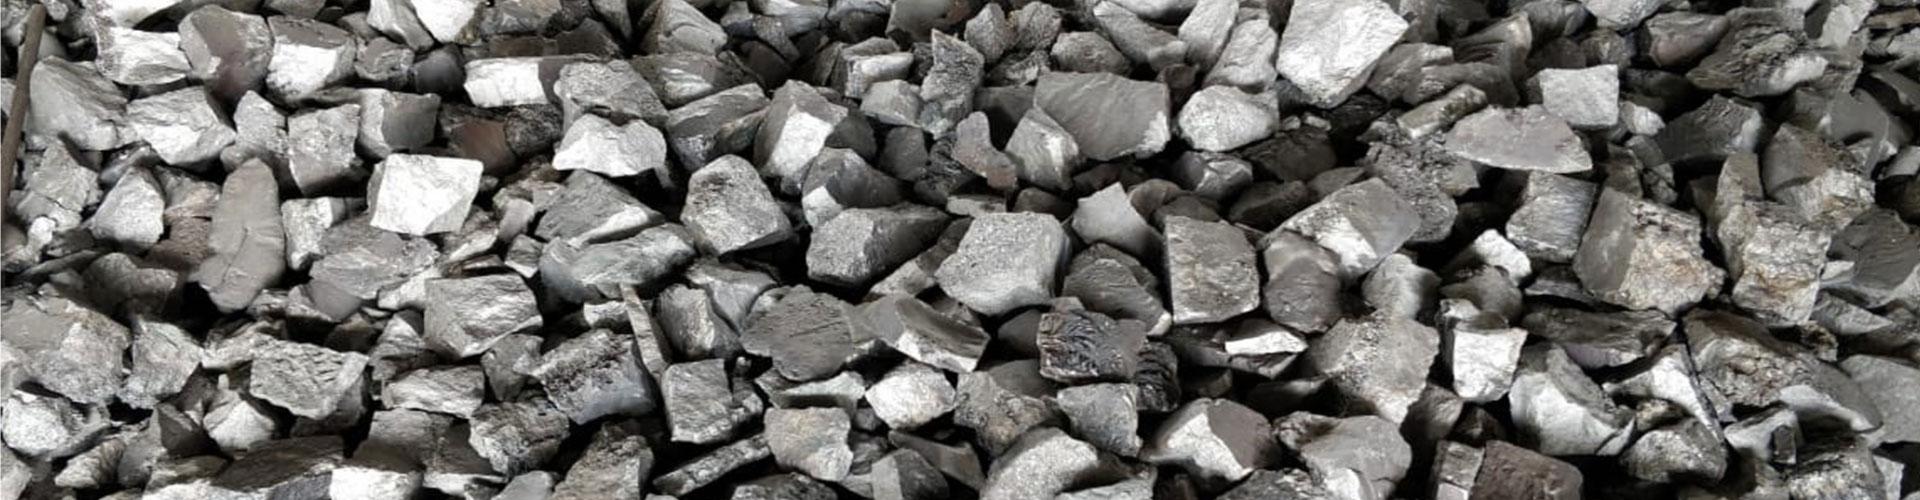 ferro-alloys